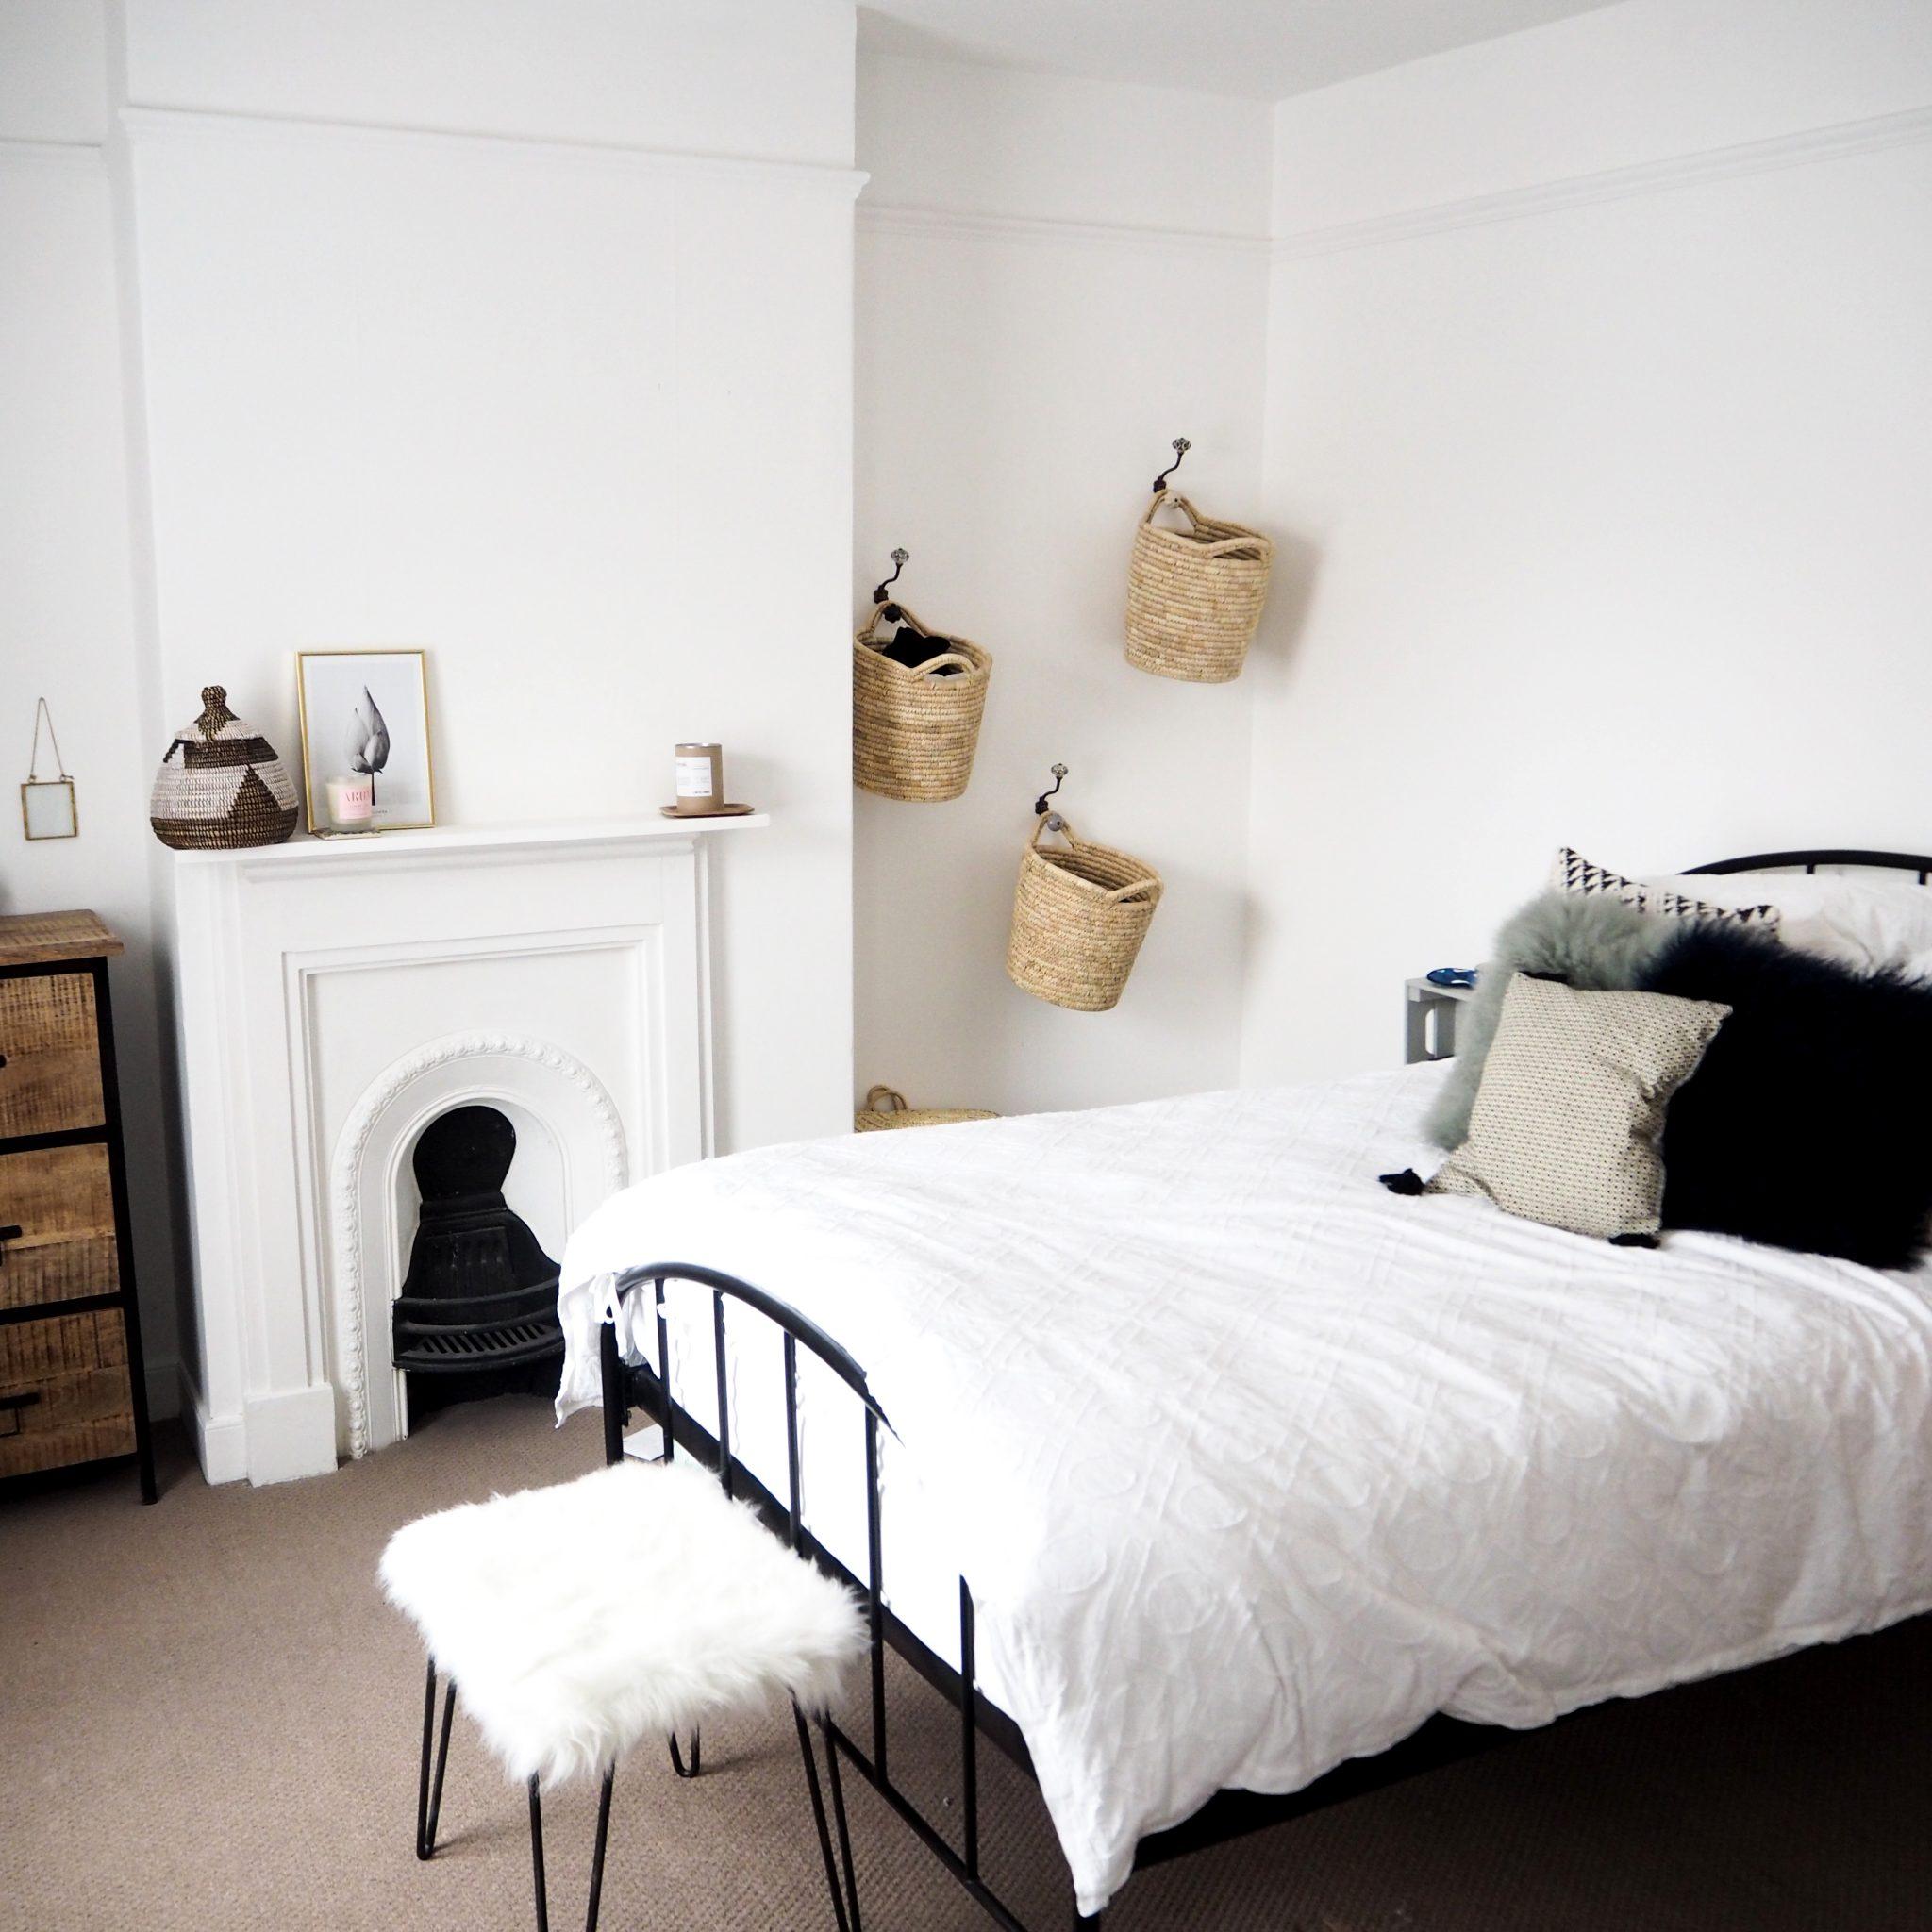 The Little Plum West Elm Bedroom Interior